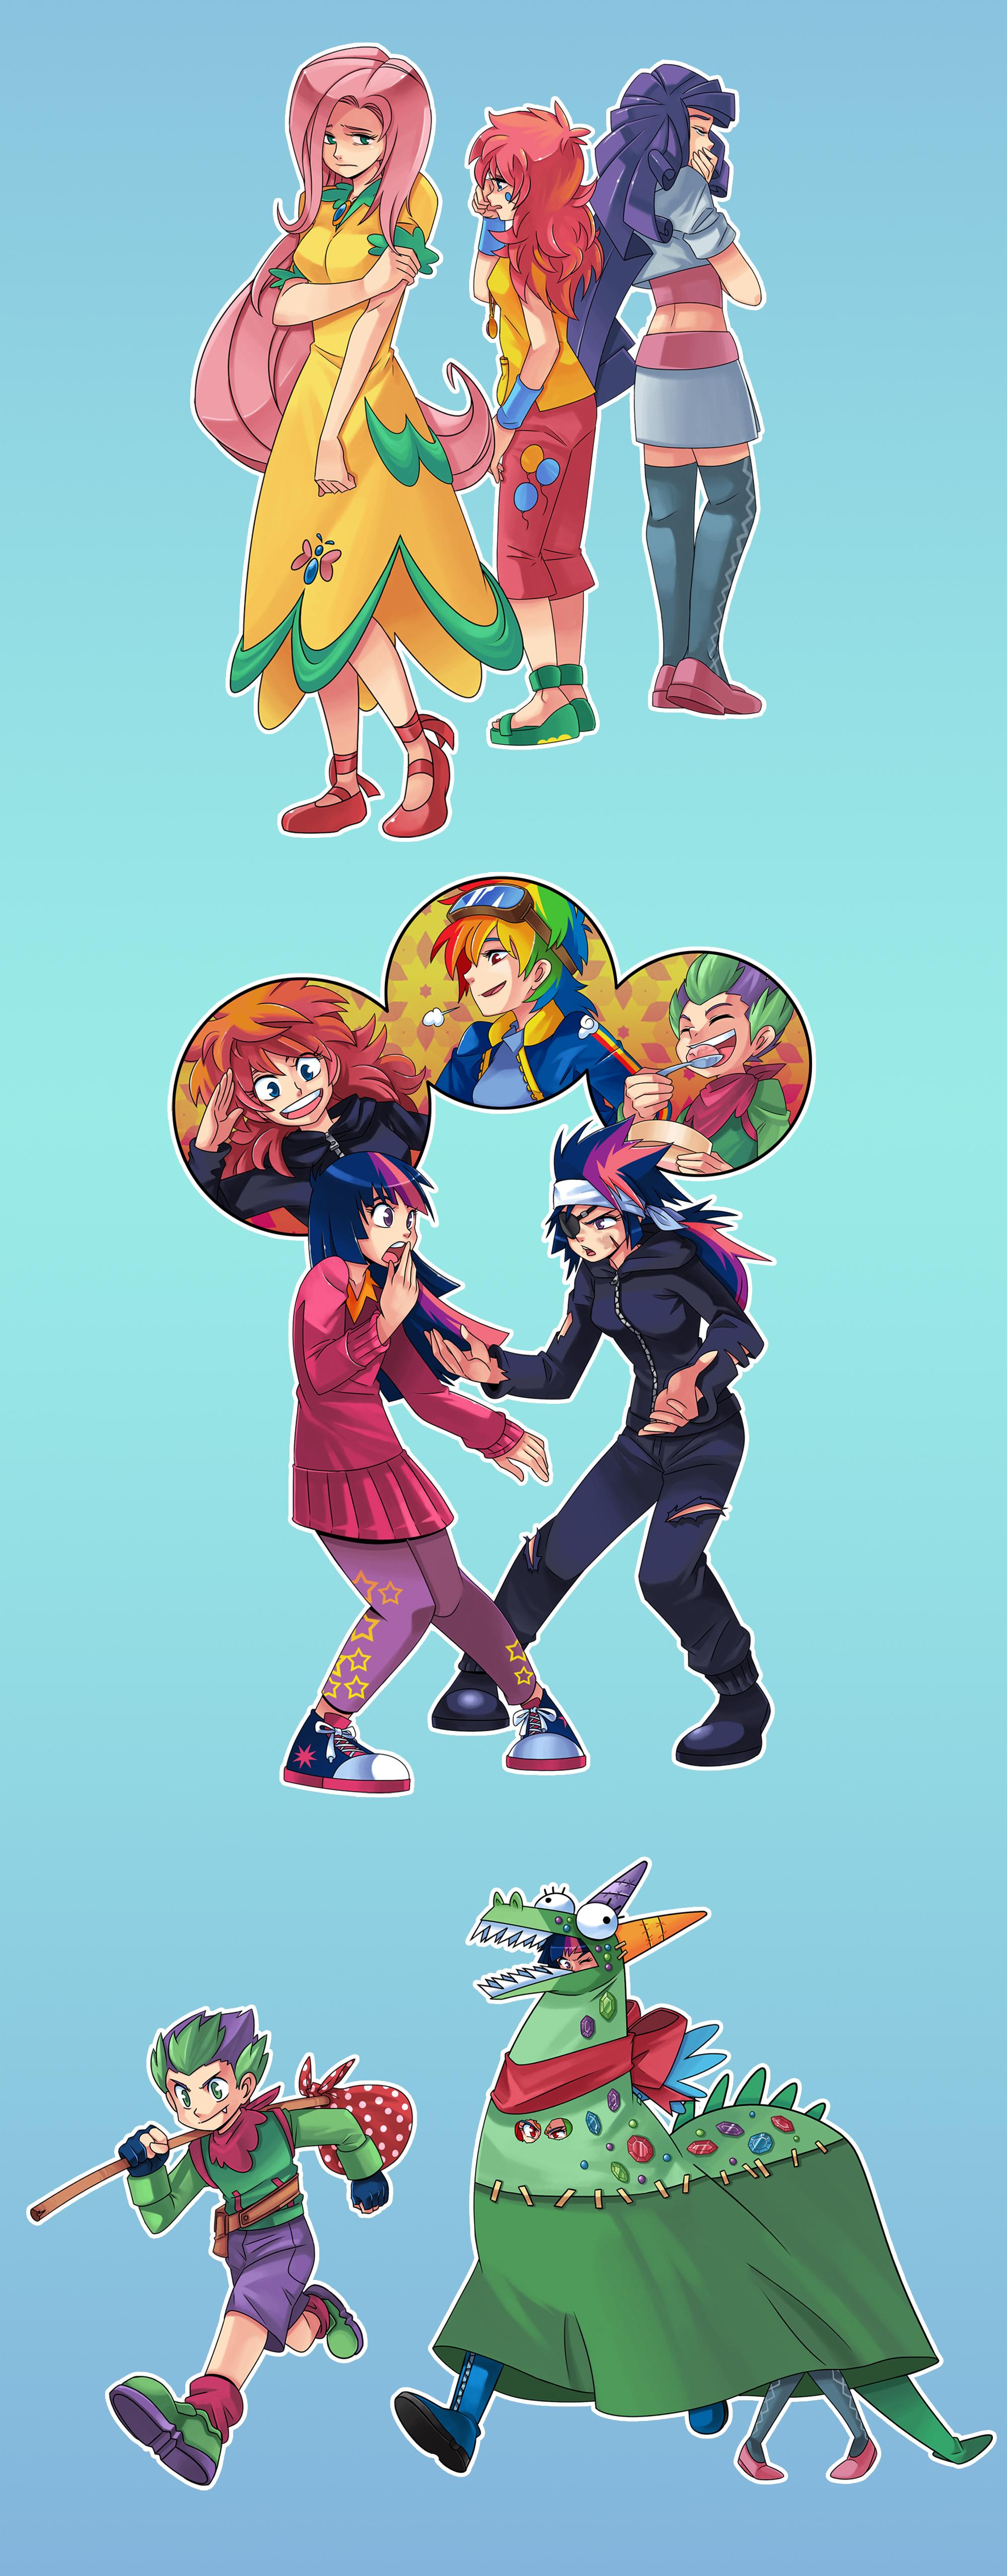 My Little Pony: Friendship Is Magic/#1045895 - Zerochan